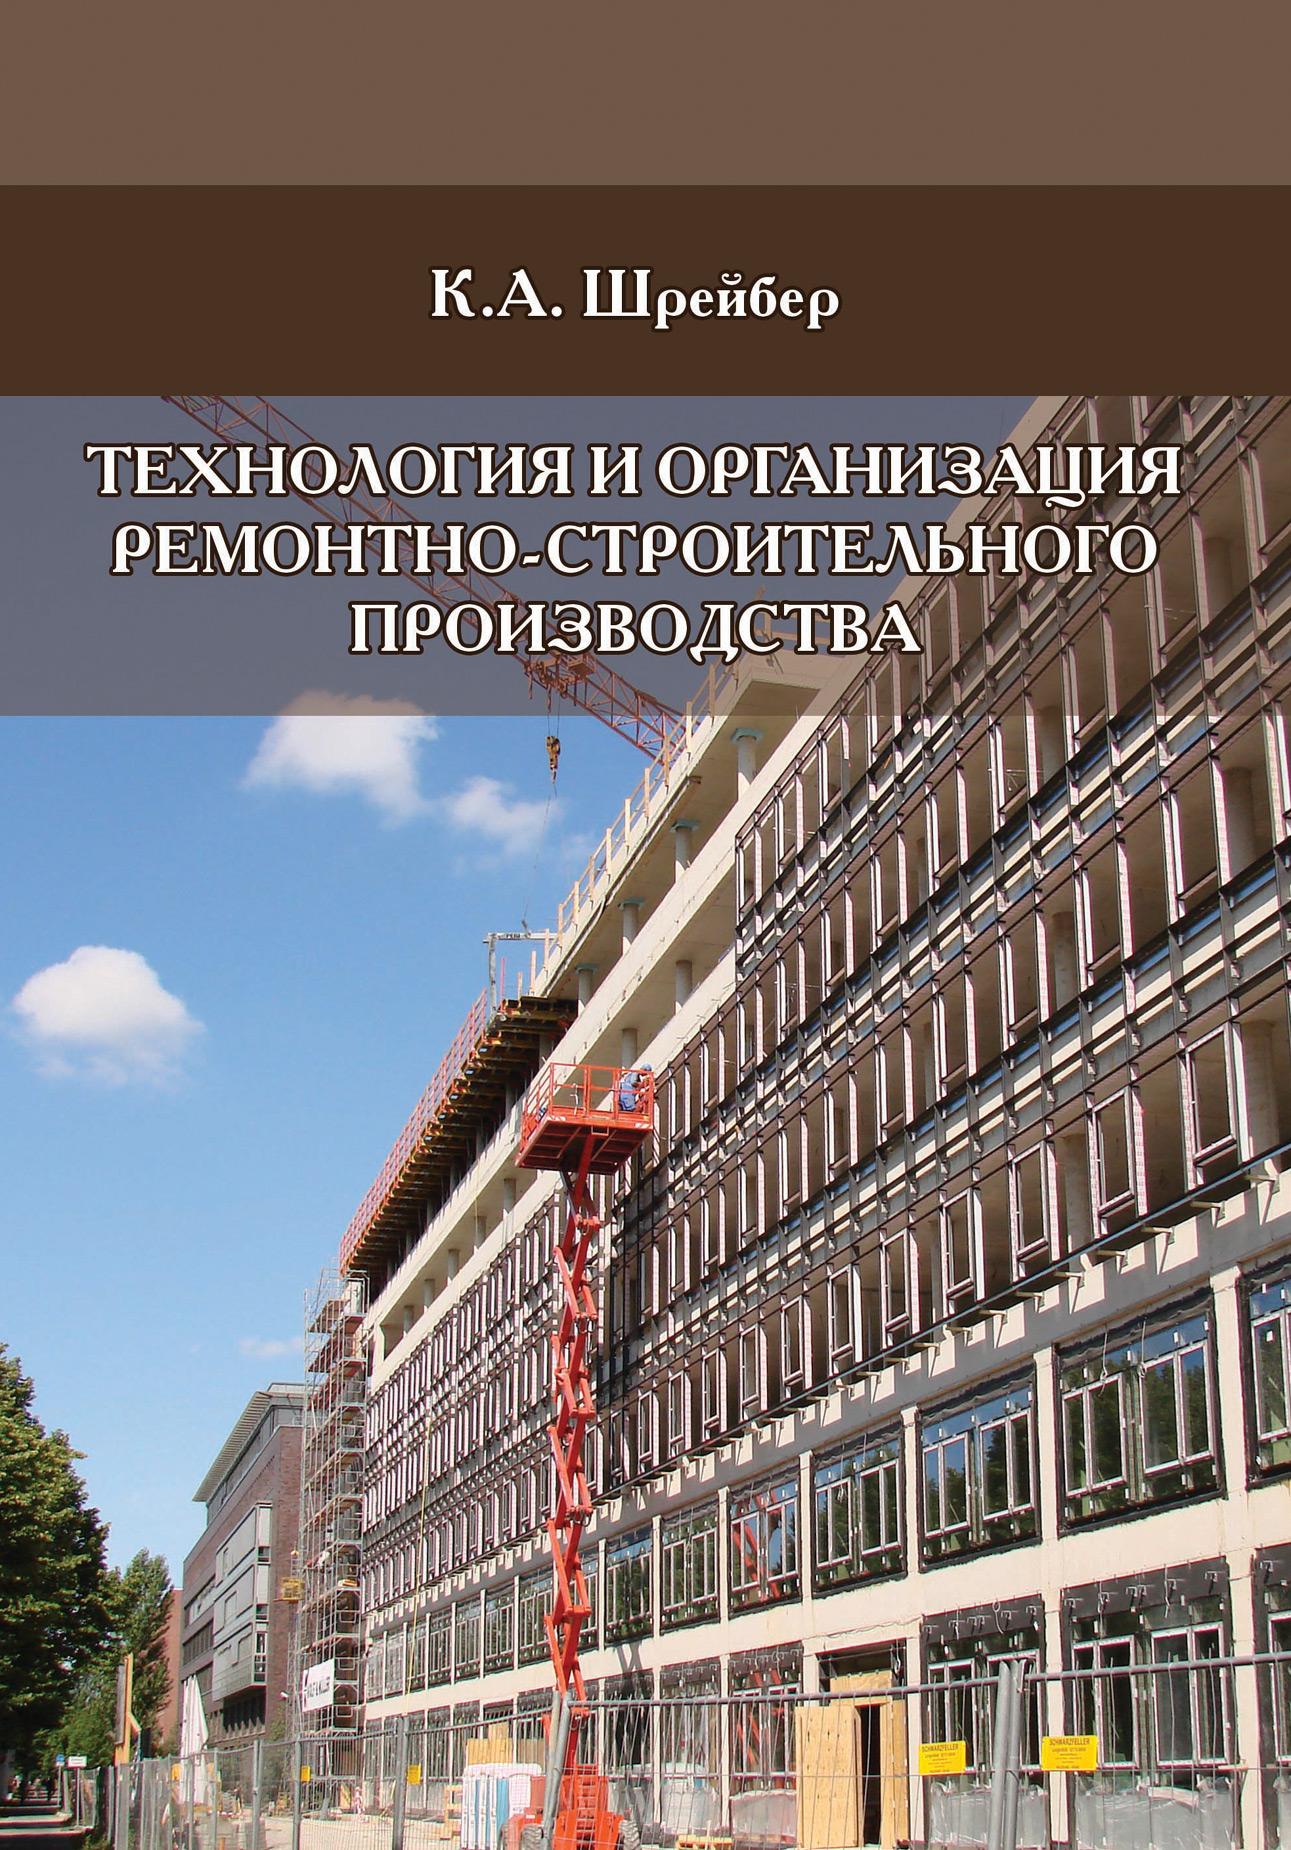 Технология и организация ремонтно-строительного производства